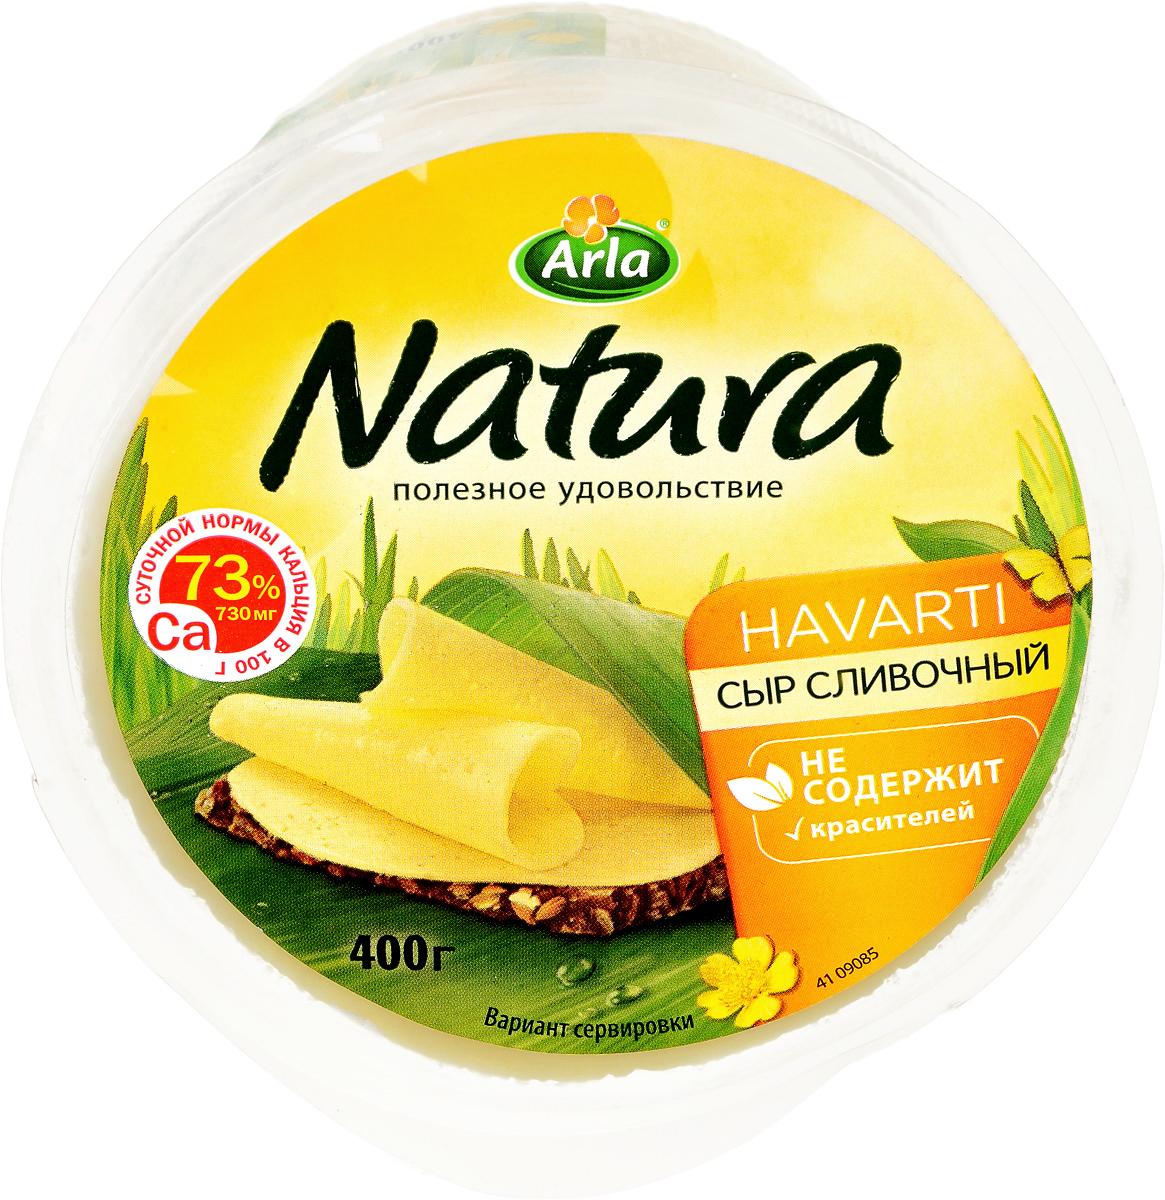 Arla Natura Сыр Сливочный, 45%, 400 г село зеленое сыр гауда премиум 40% 250 г